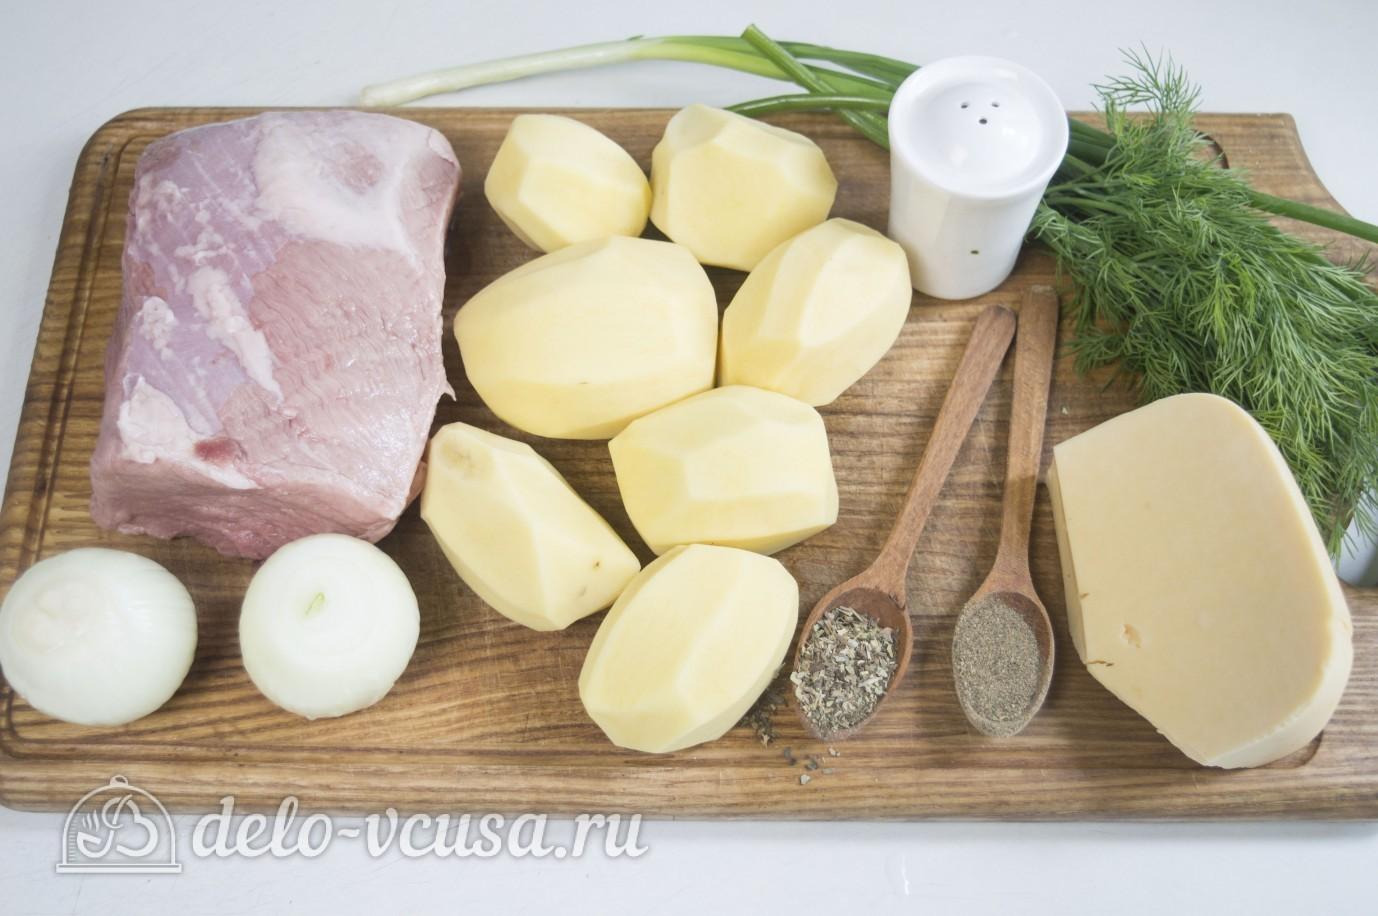 Фото рецепт мясо по французски из курицы